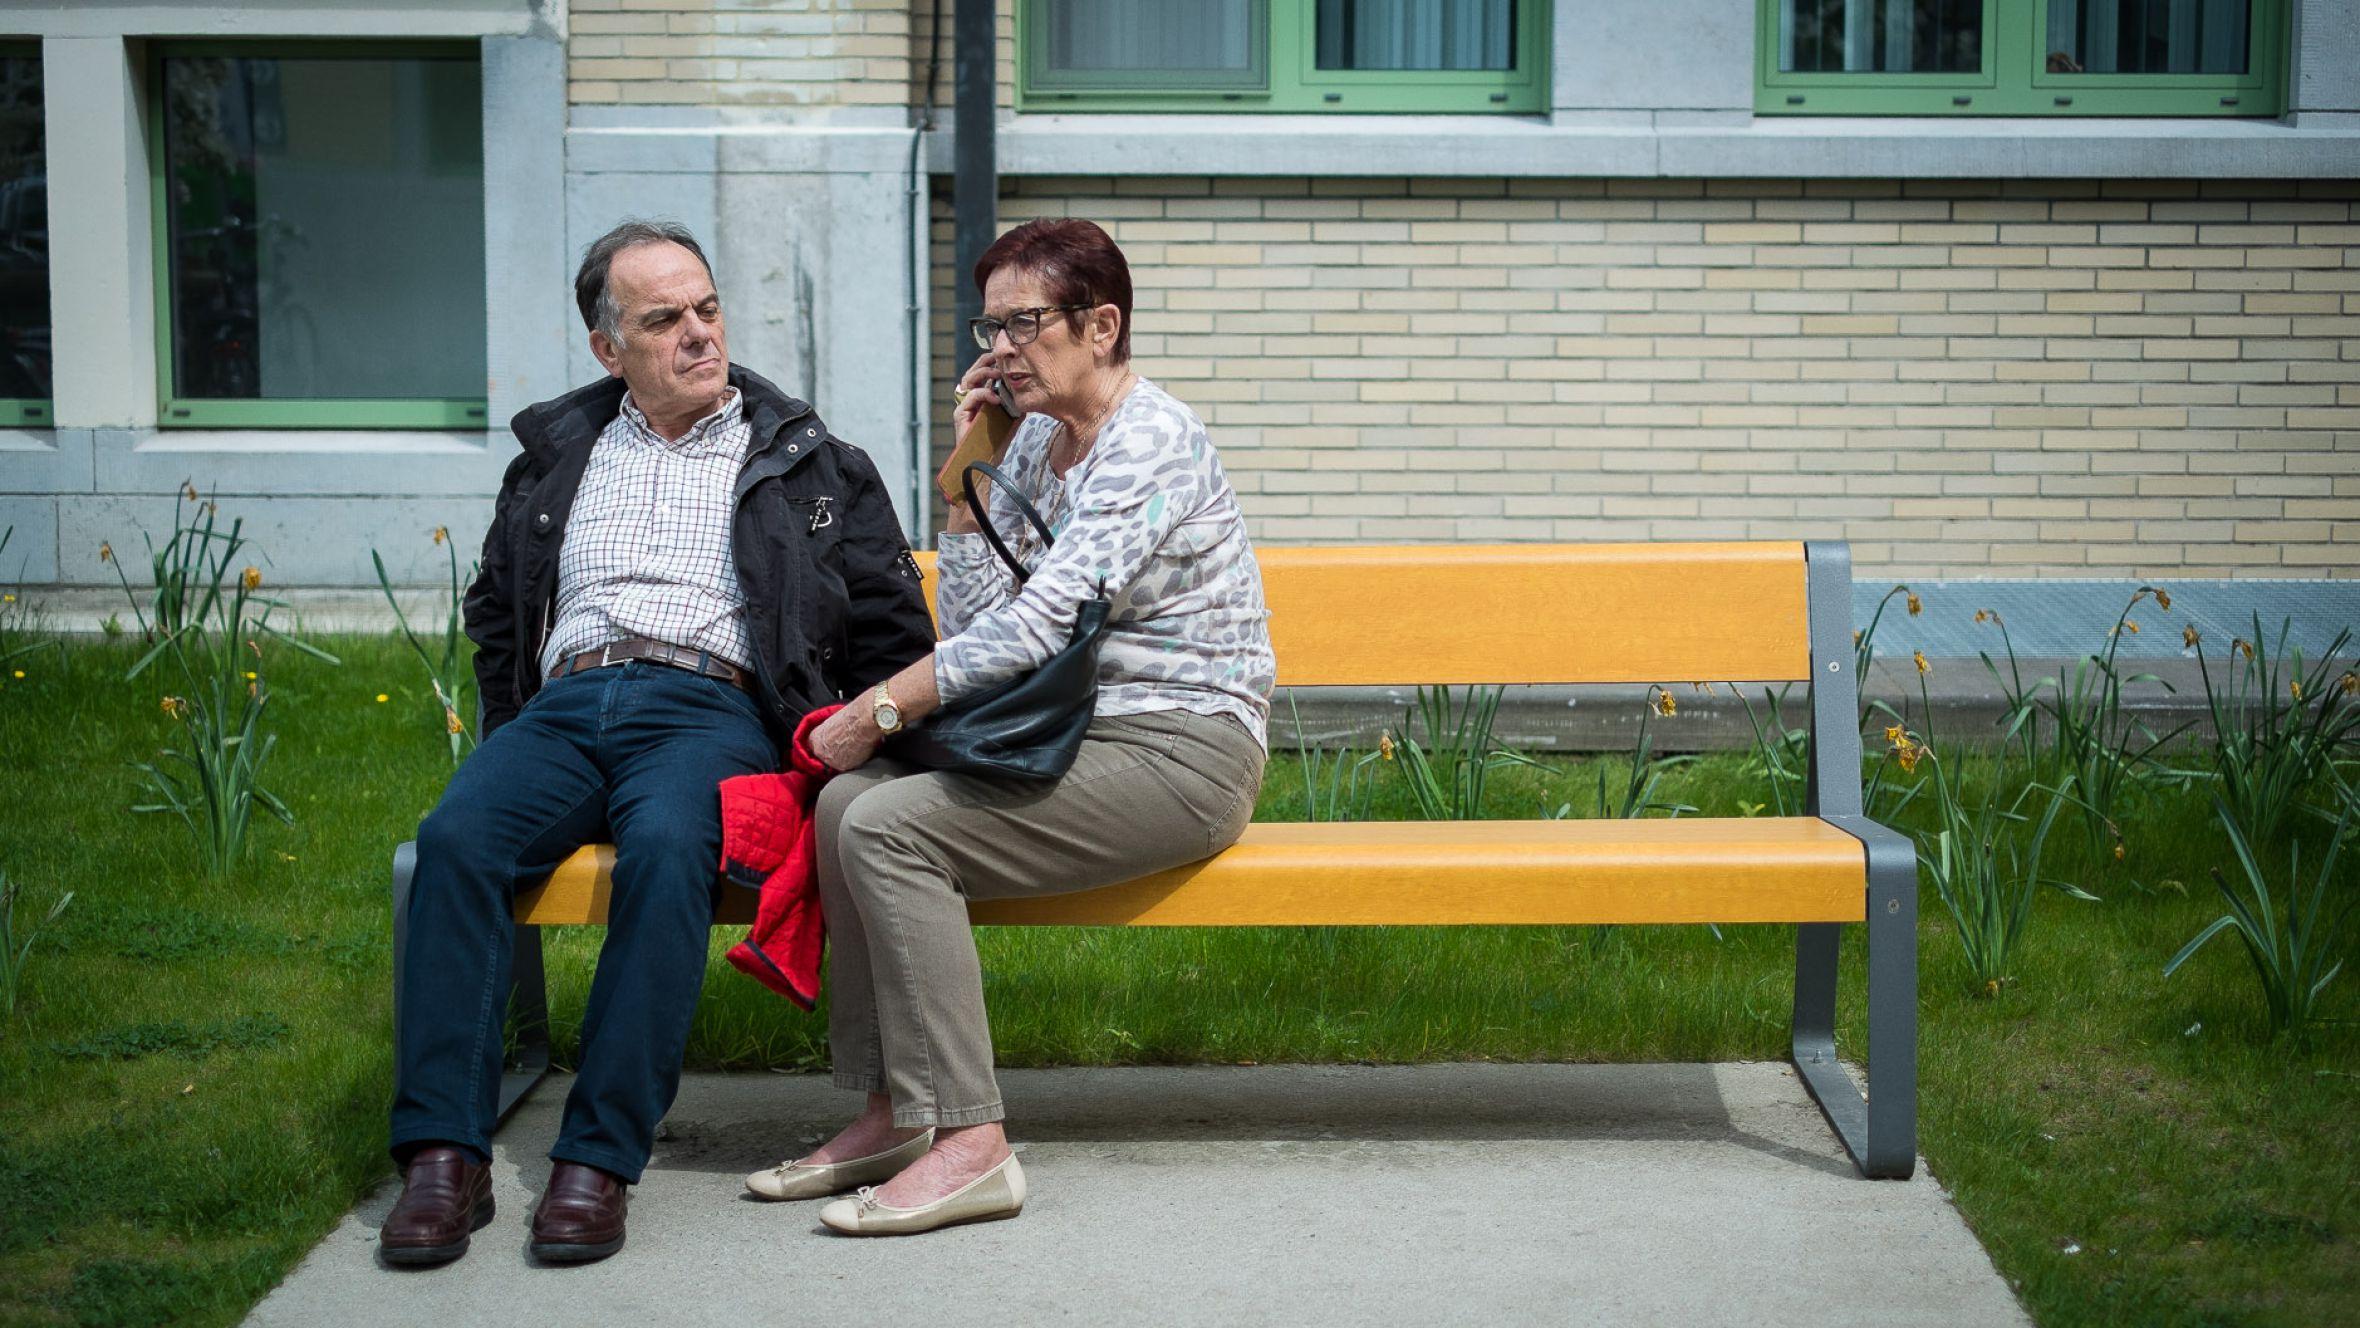 La Superfine bank brengt mensen samen en zorgt voor rust